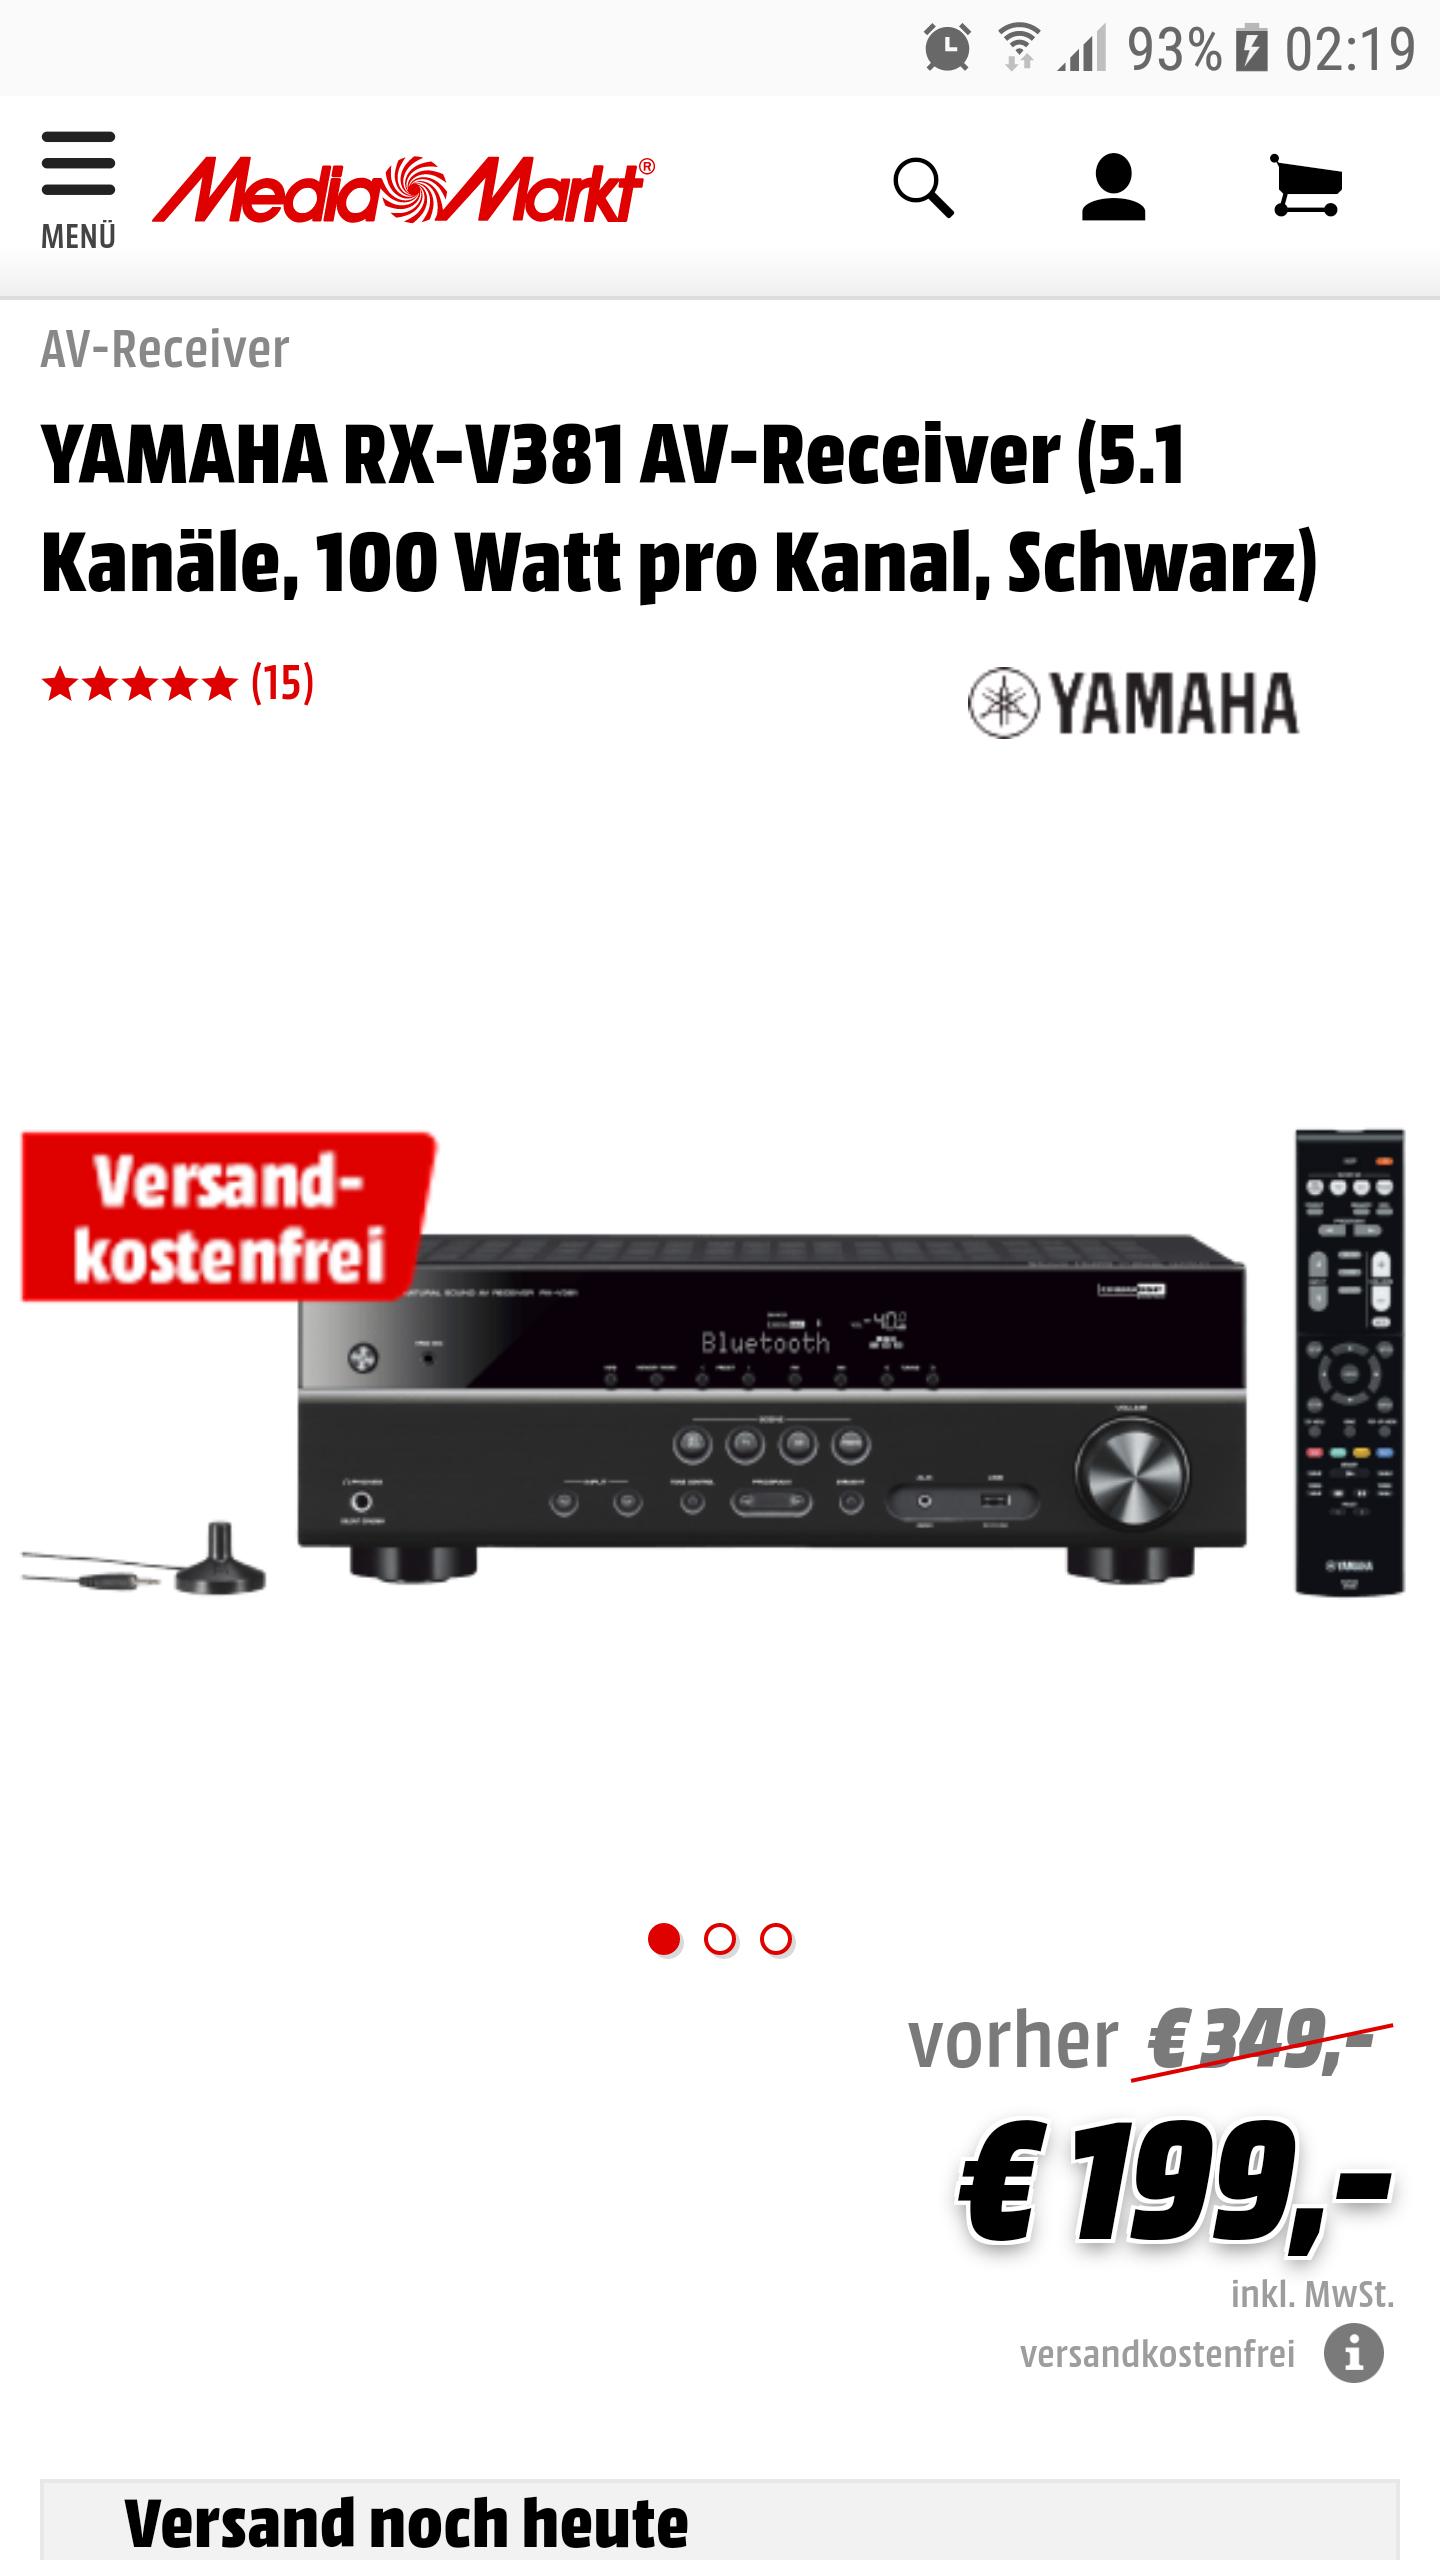 [Media Markt Online/Redcoon] YAMAHA RX-V381 5.1 AV Heimkino Receiver in Schwarz / Versandkostenfrei